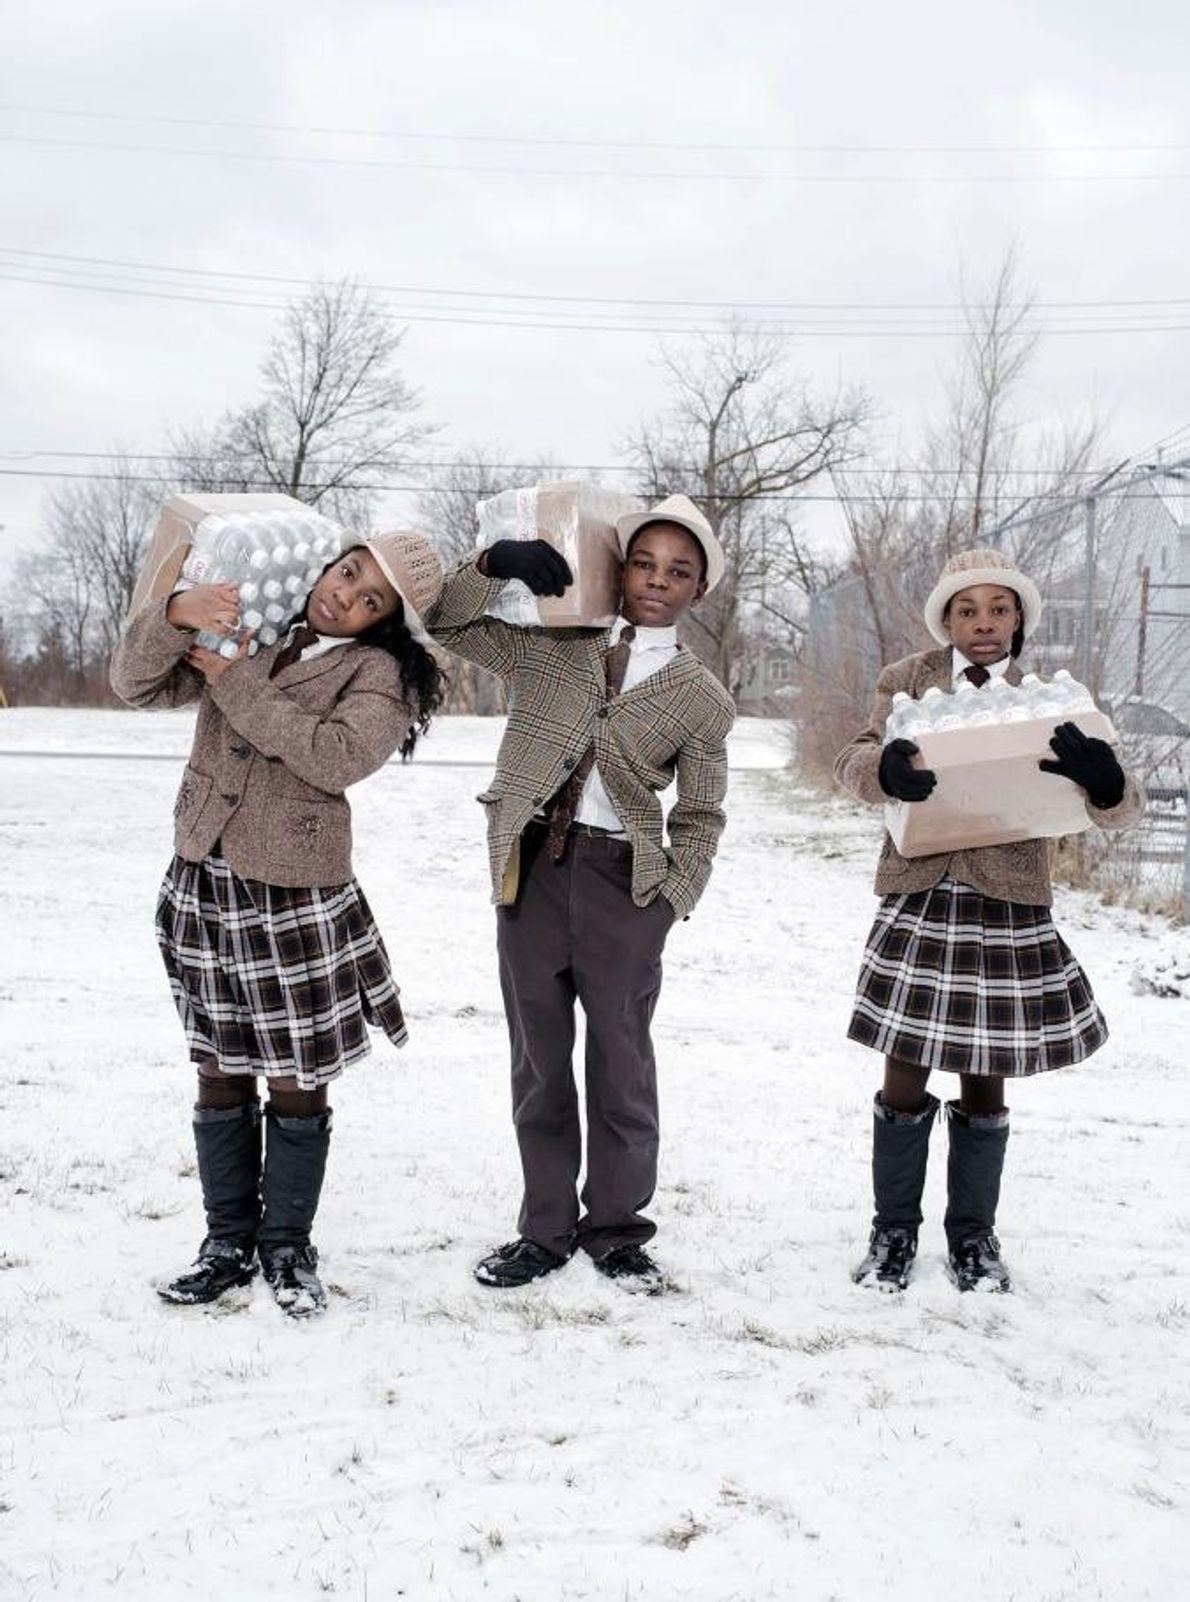 Julie, Antonio et India Abron viennent de récupérer leur allocation journalière de bouteilles d'eau à Flint, ...